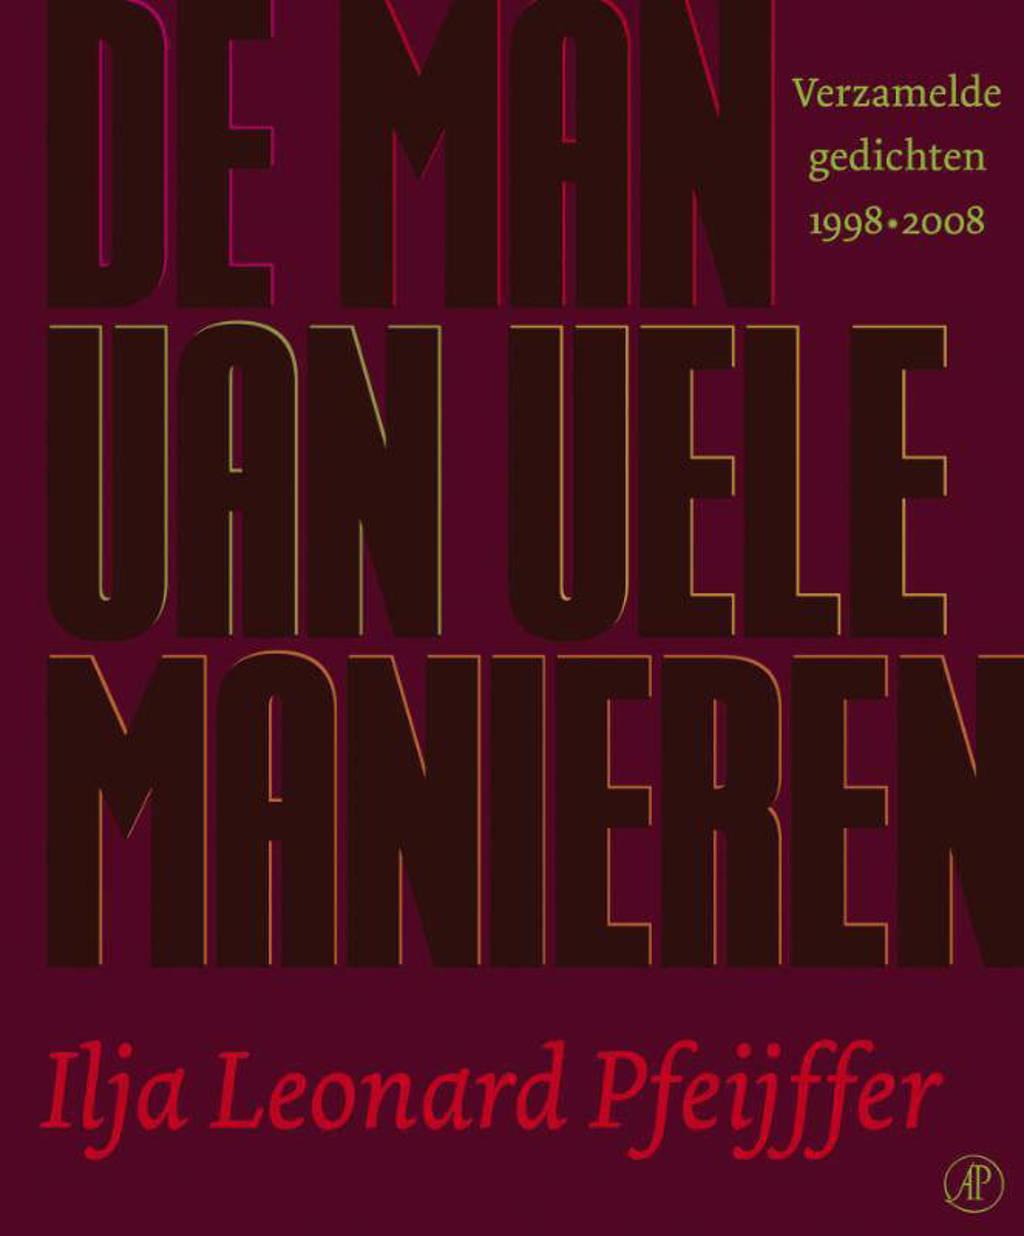 De man van vele manieren - Ilja Leonard Pfeijffer